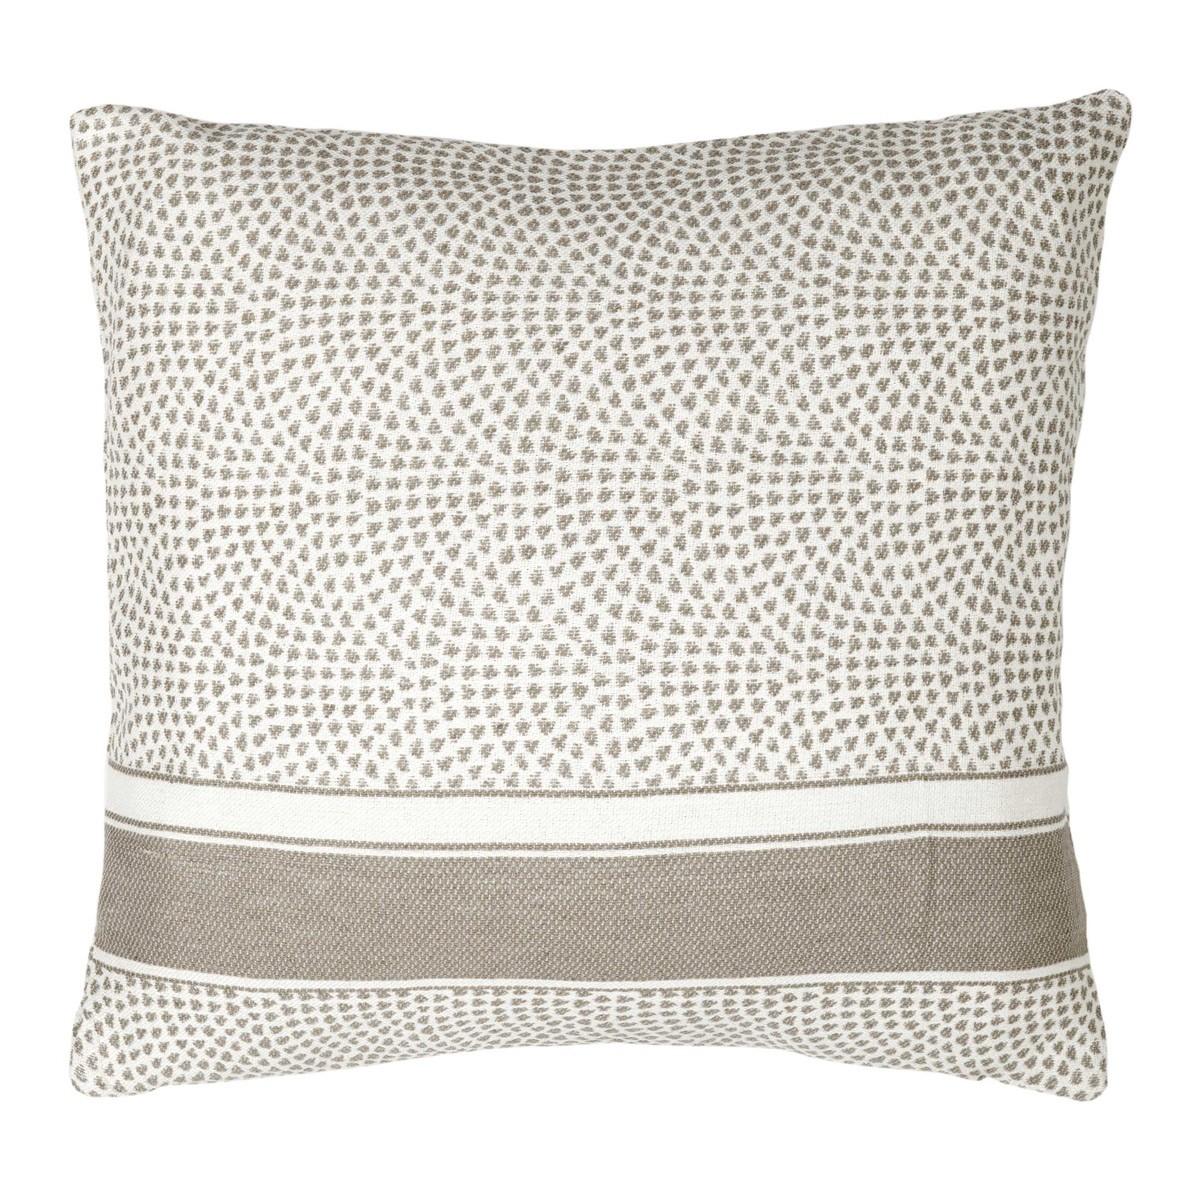 Διακοσμητική Μαξιλαροθήκη Nima Cushions Votsalo Ivory